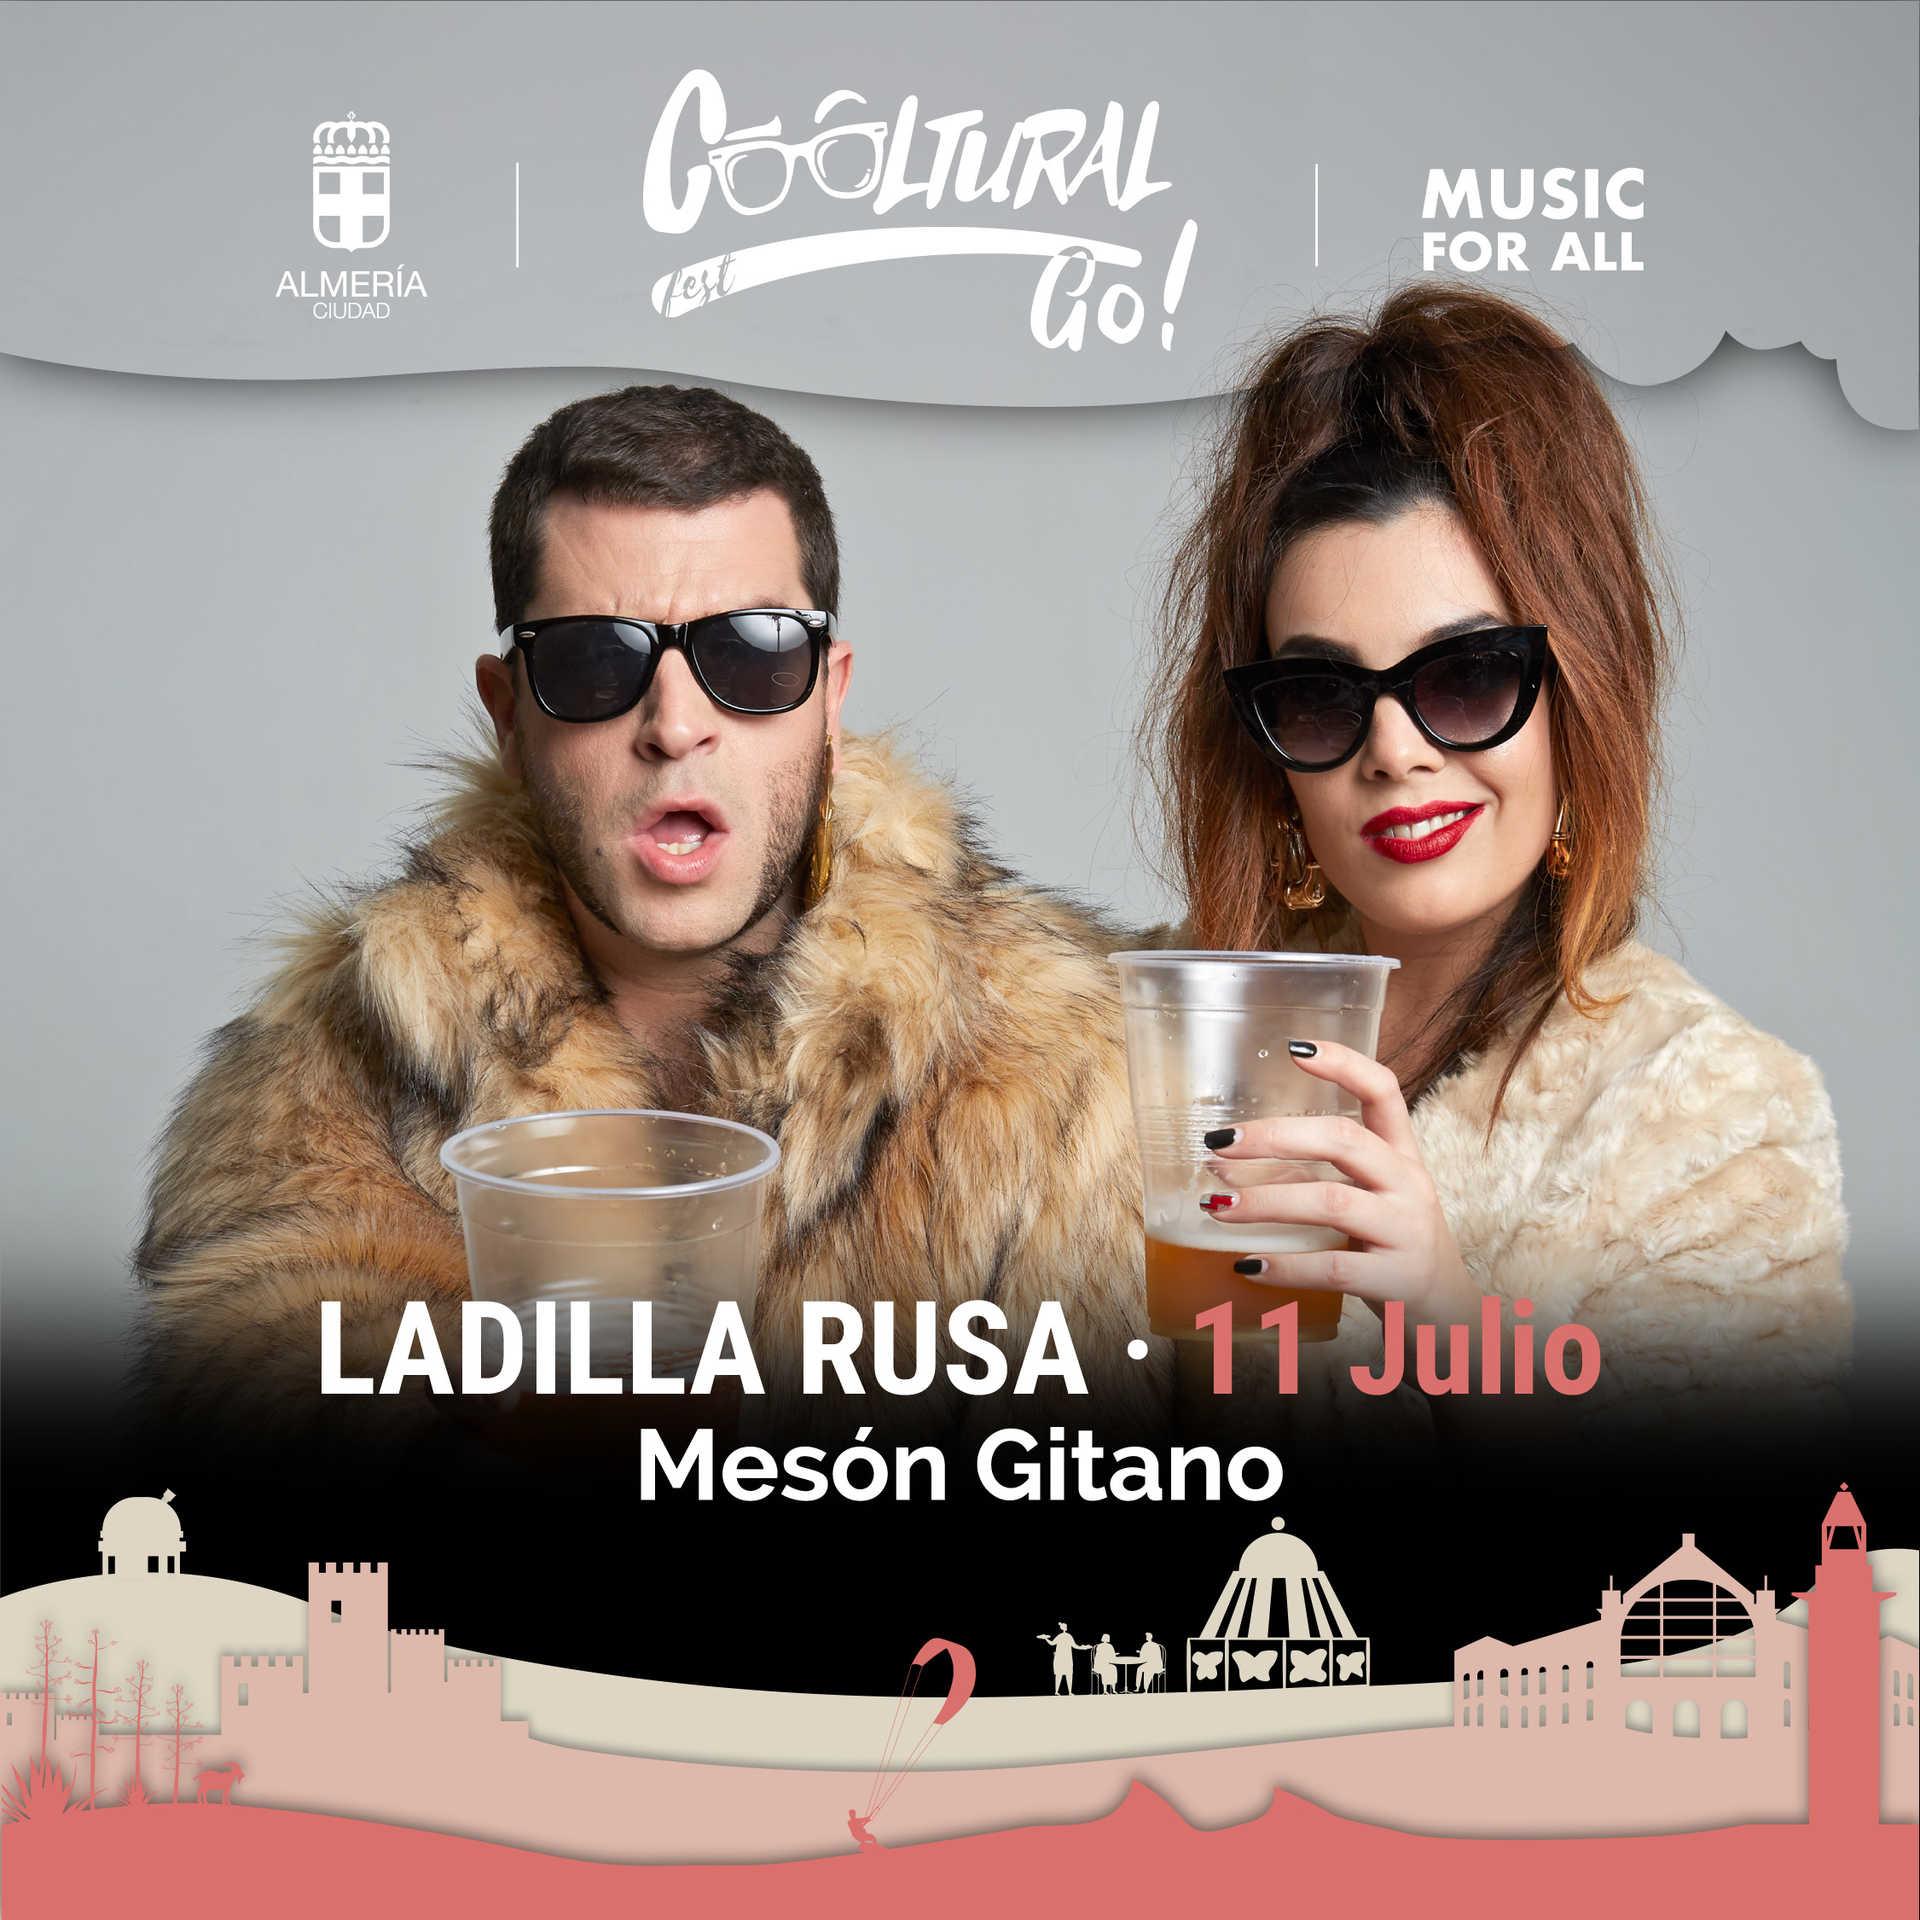 Ladilla Rusa en concierto